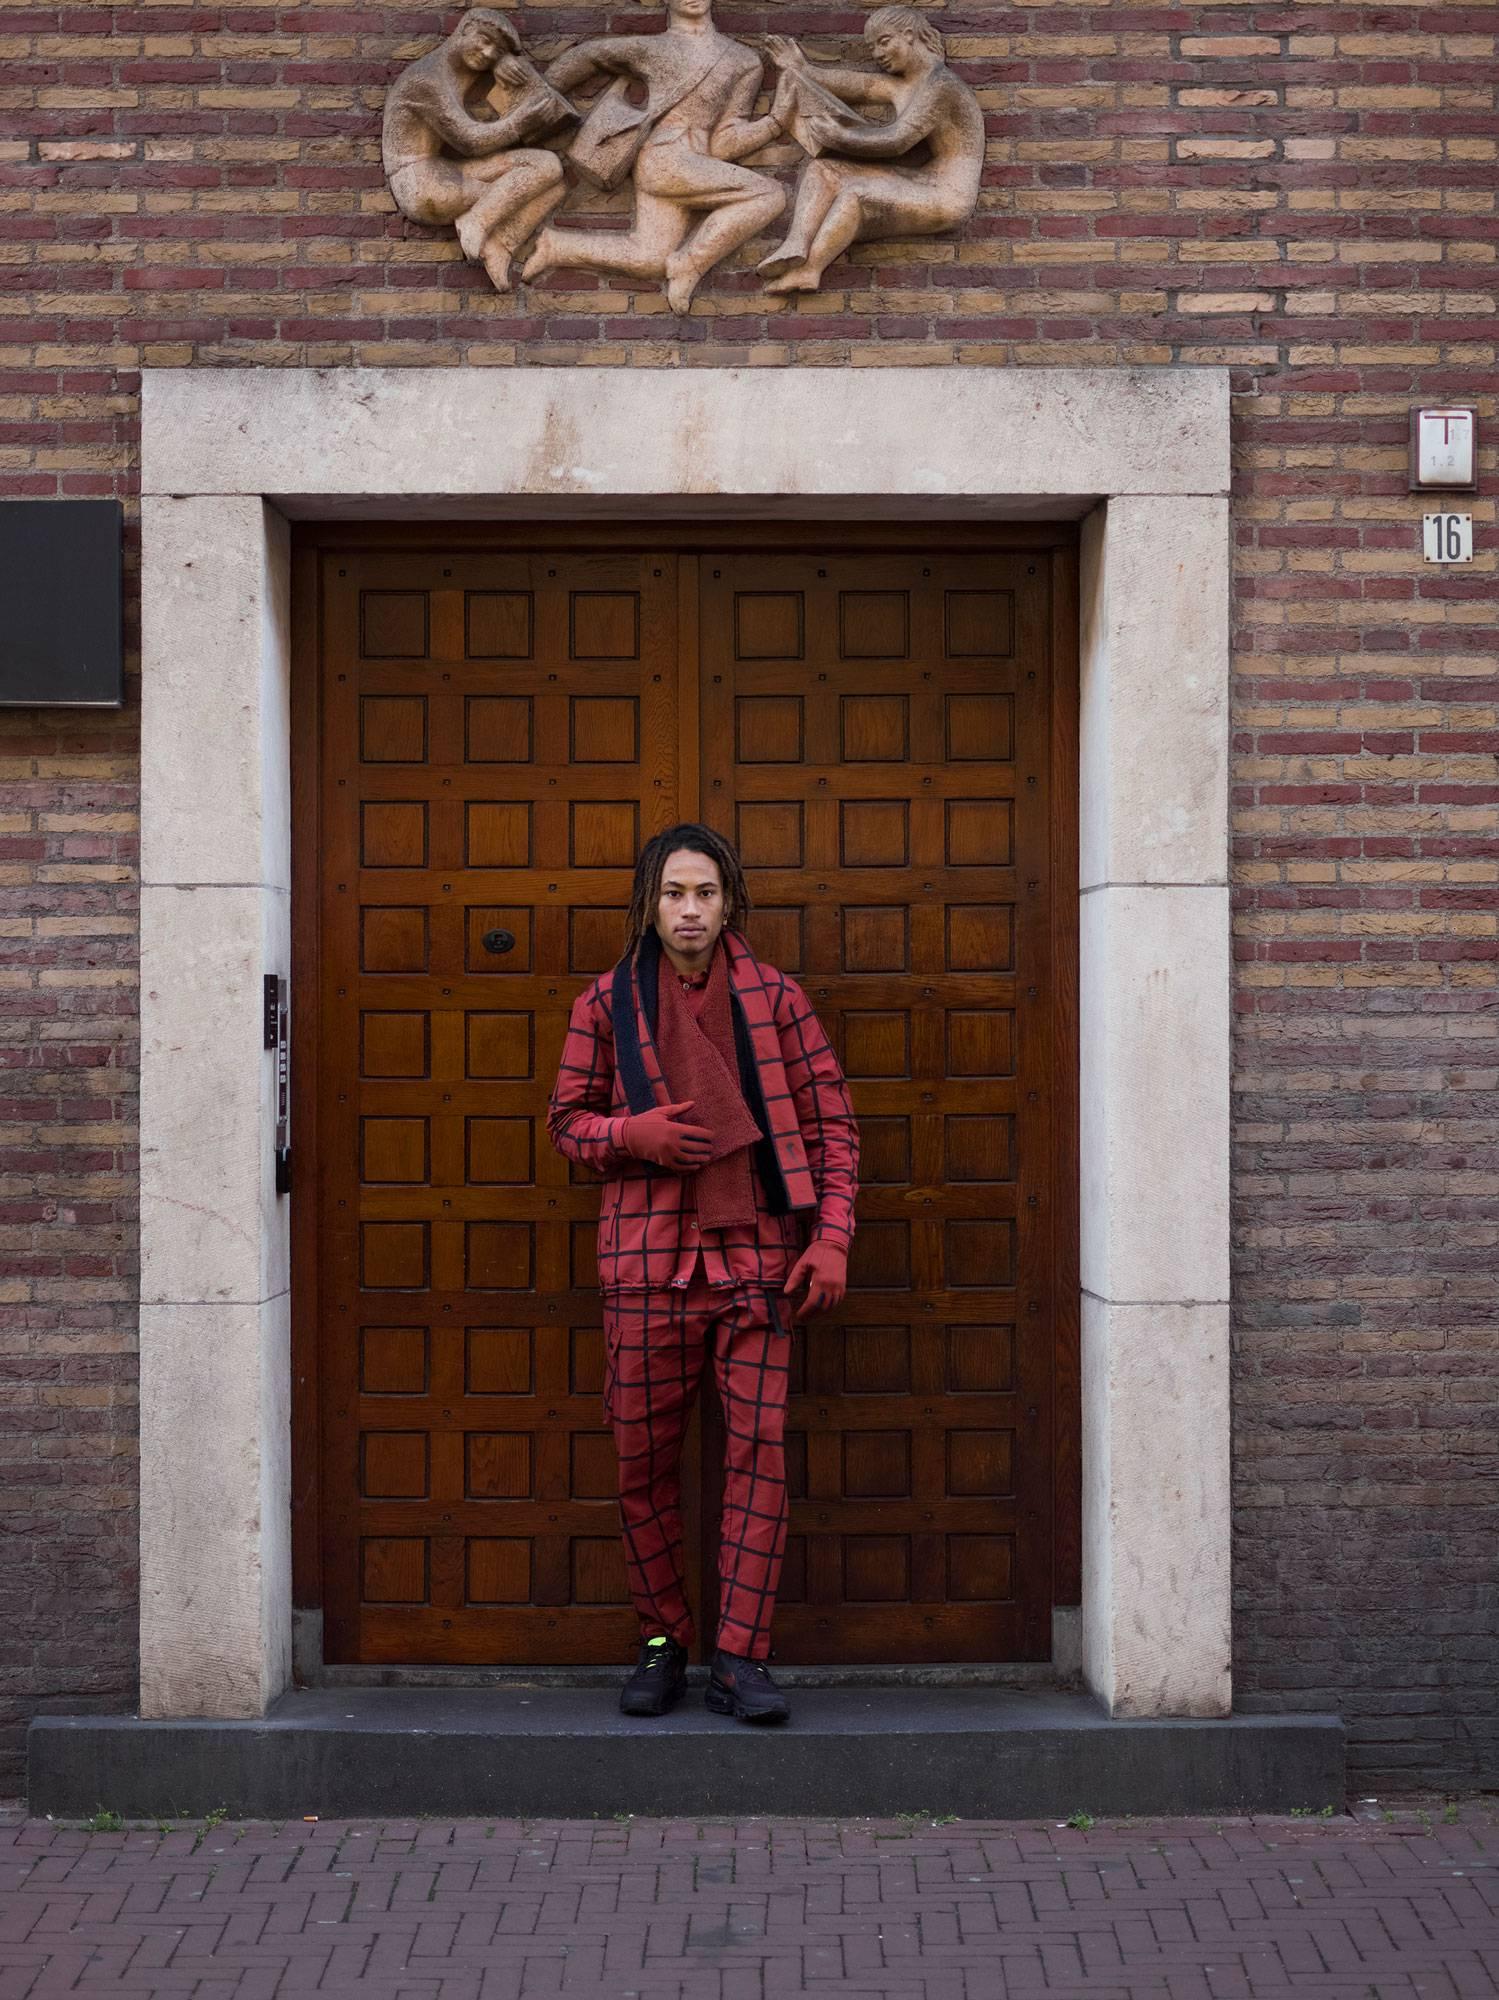 #04/11 VINCENT VAN DE WAAL & VIOLETTE ESMERALDA